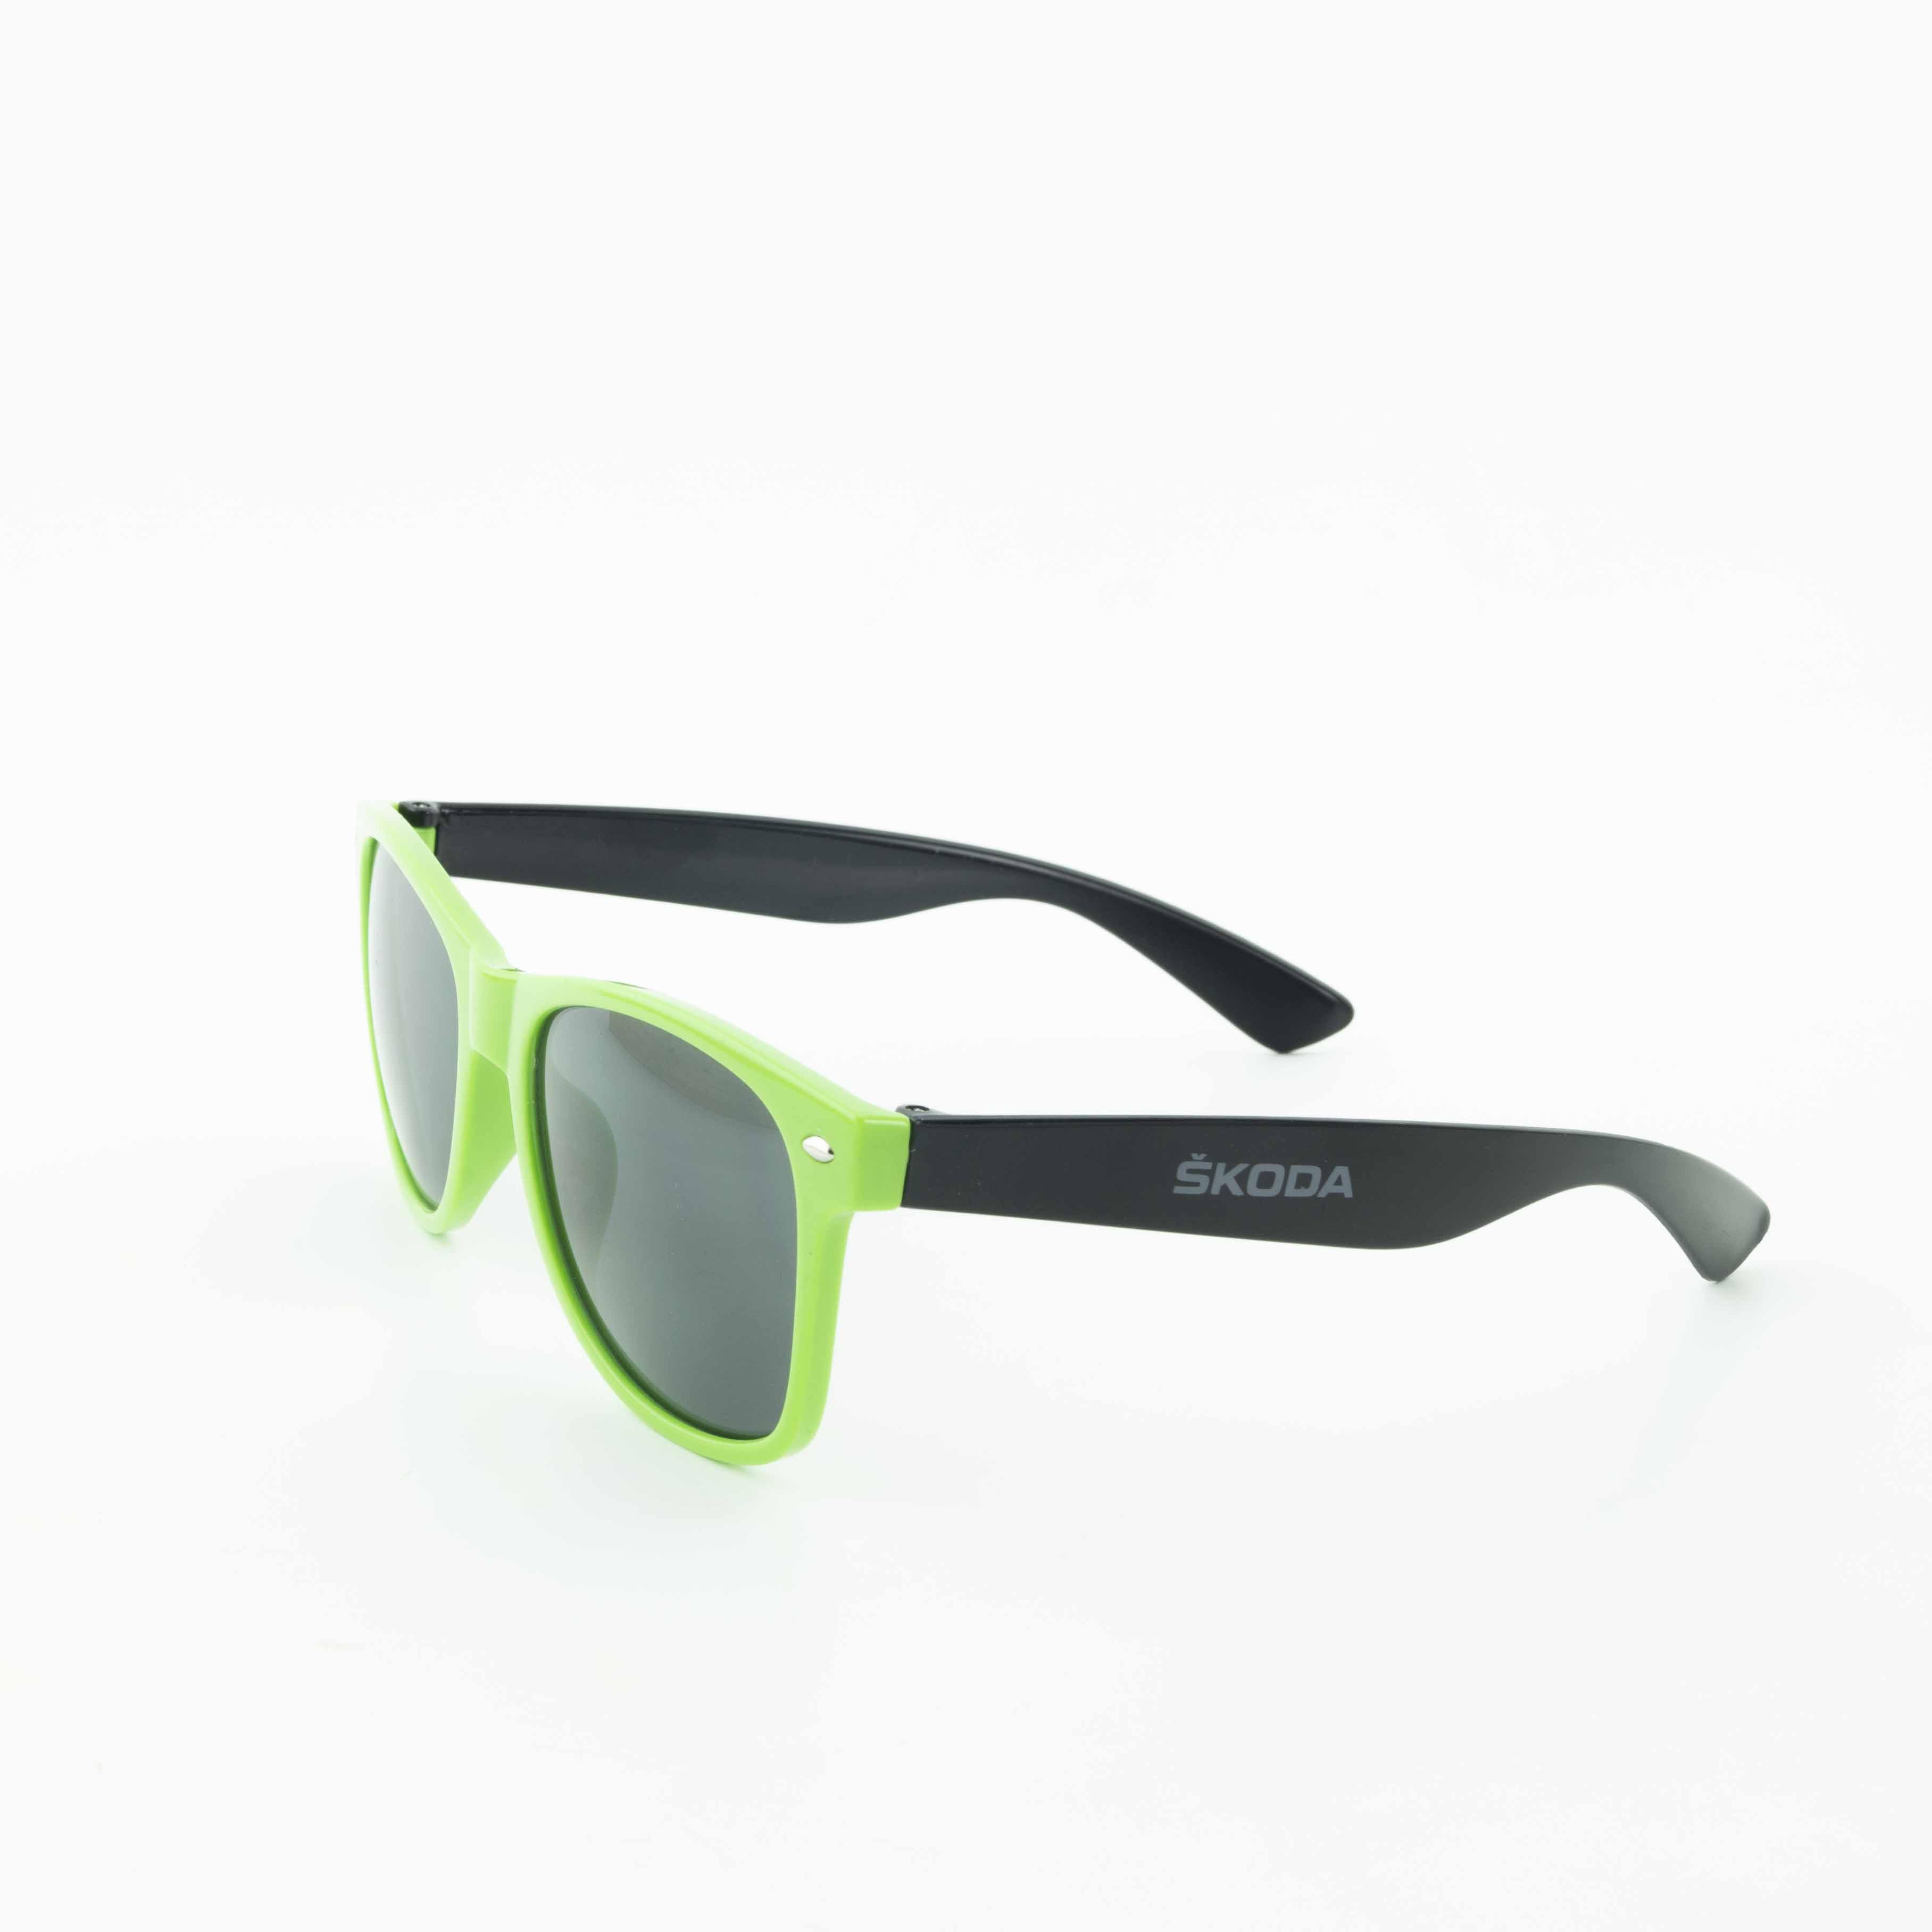 Skoda Sonnenbrille Brille Sunglasses UV 400 grün schwarz